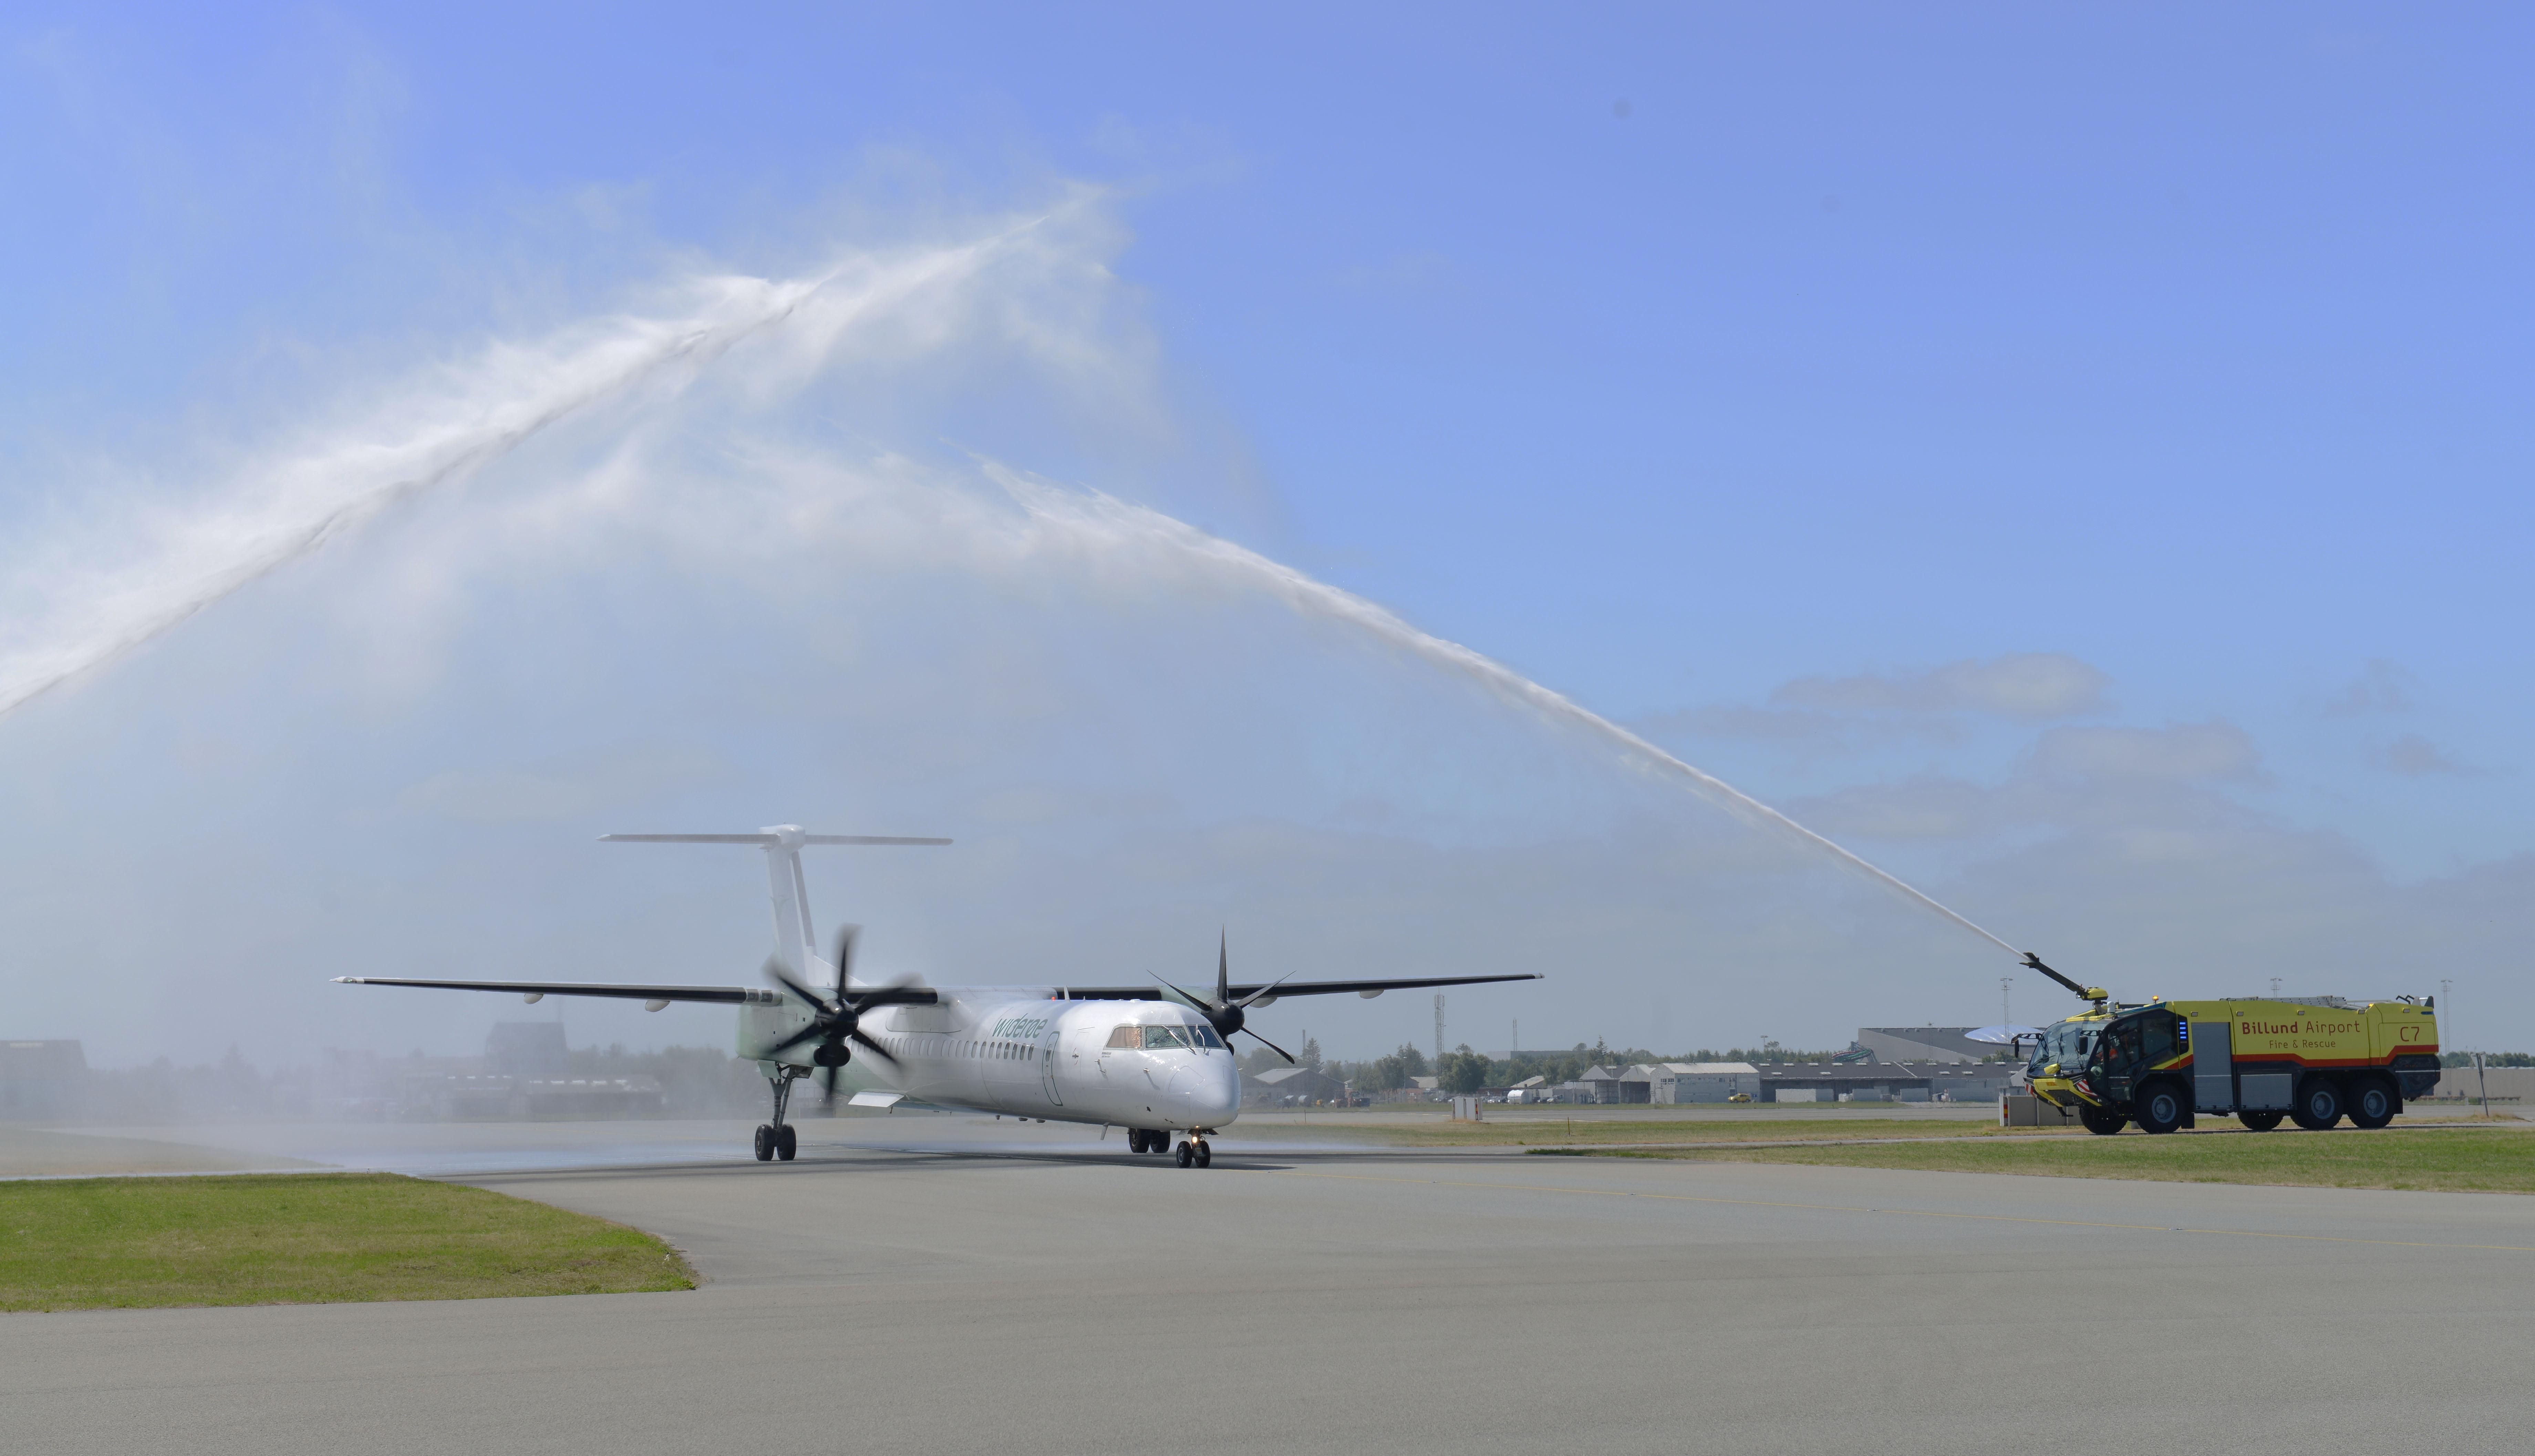 Vandkanonerne stod klare da WF 282 fra Bergen landet for første gang i Billund Lufthavn. (Foto: Joakim J. Hvistendahl)